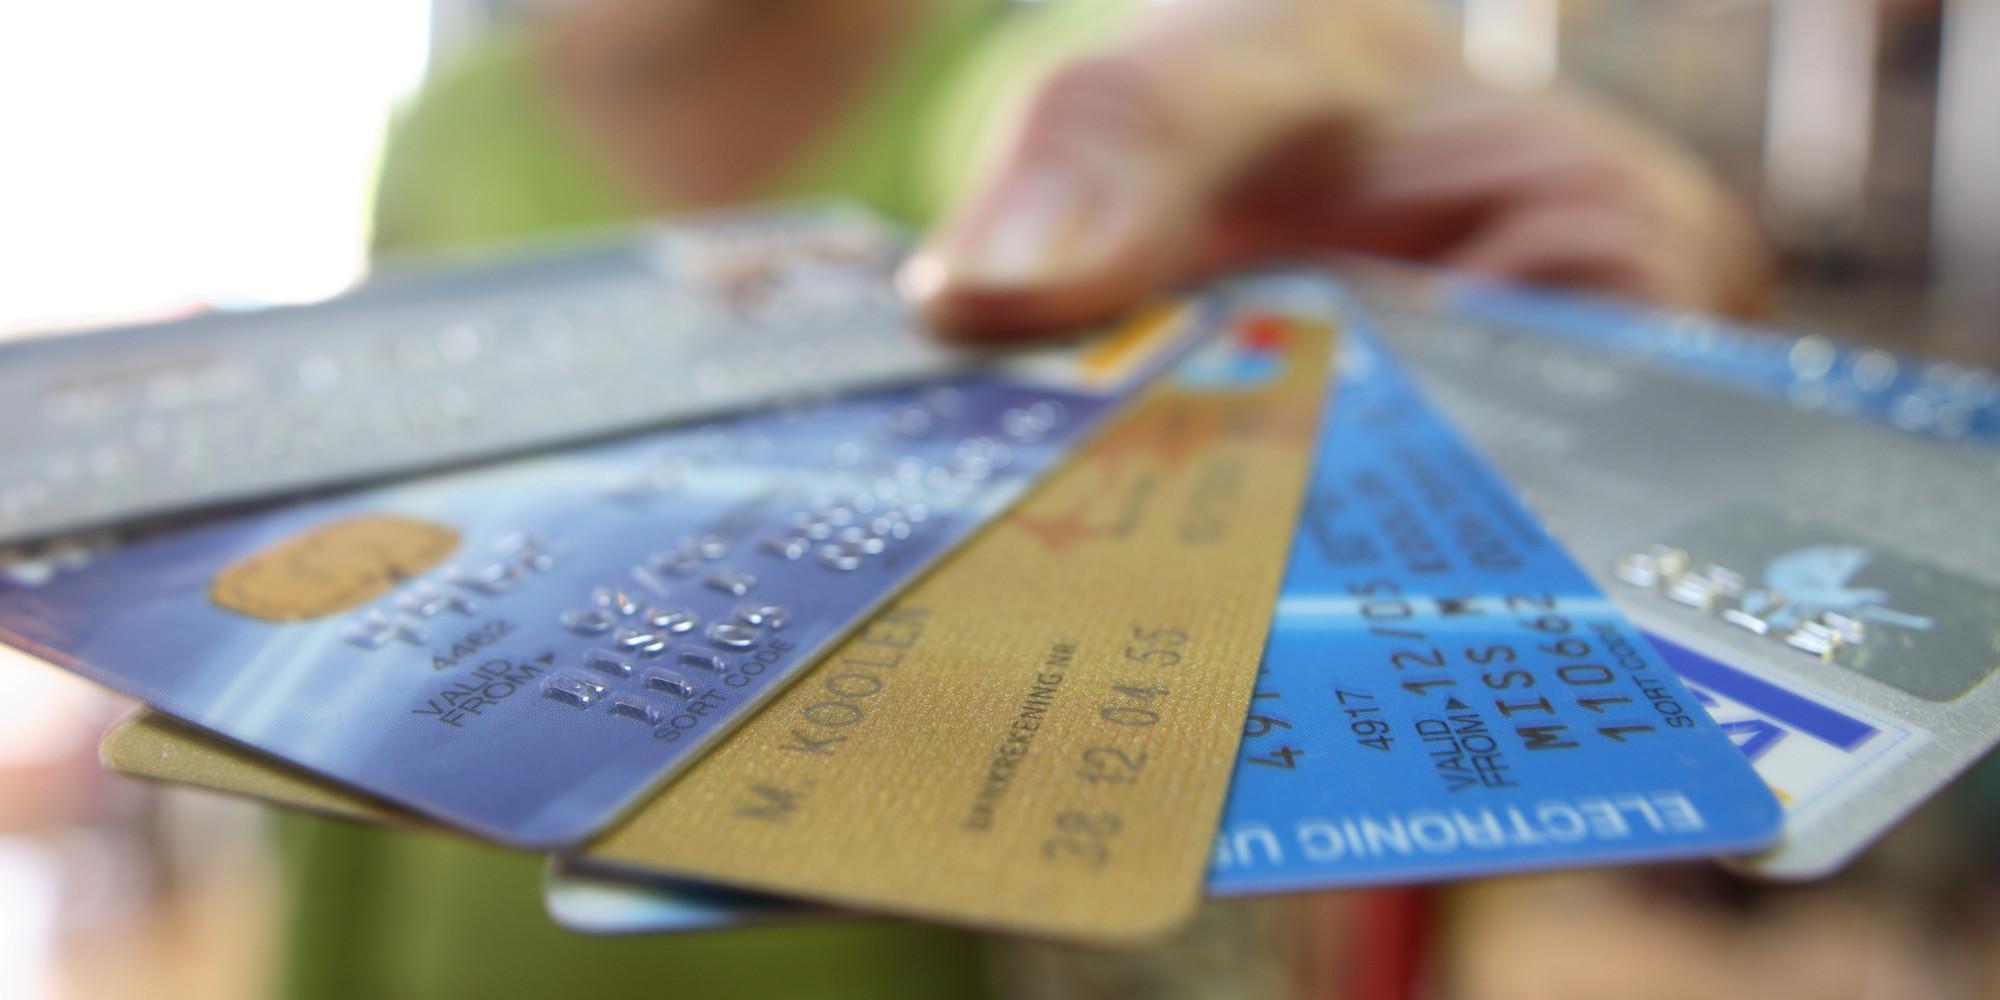 Портативная система расчетов с помощью банковских карт.